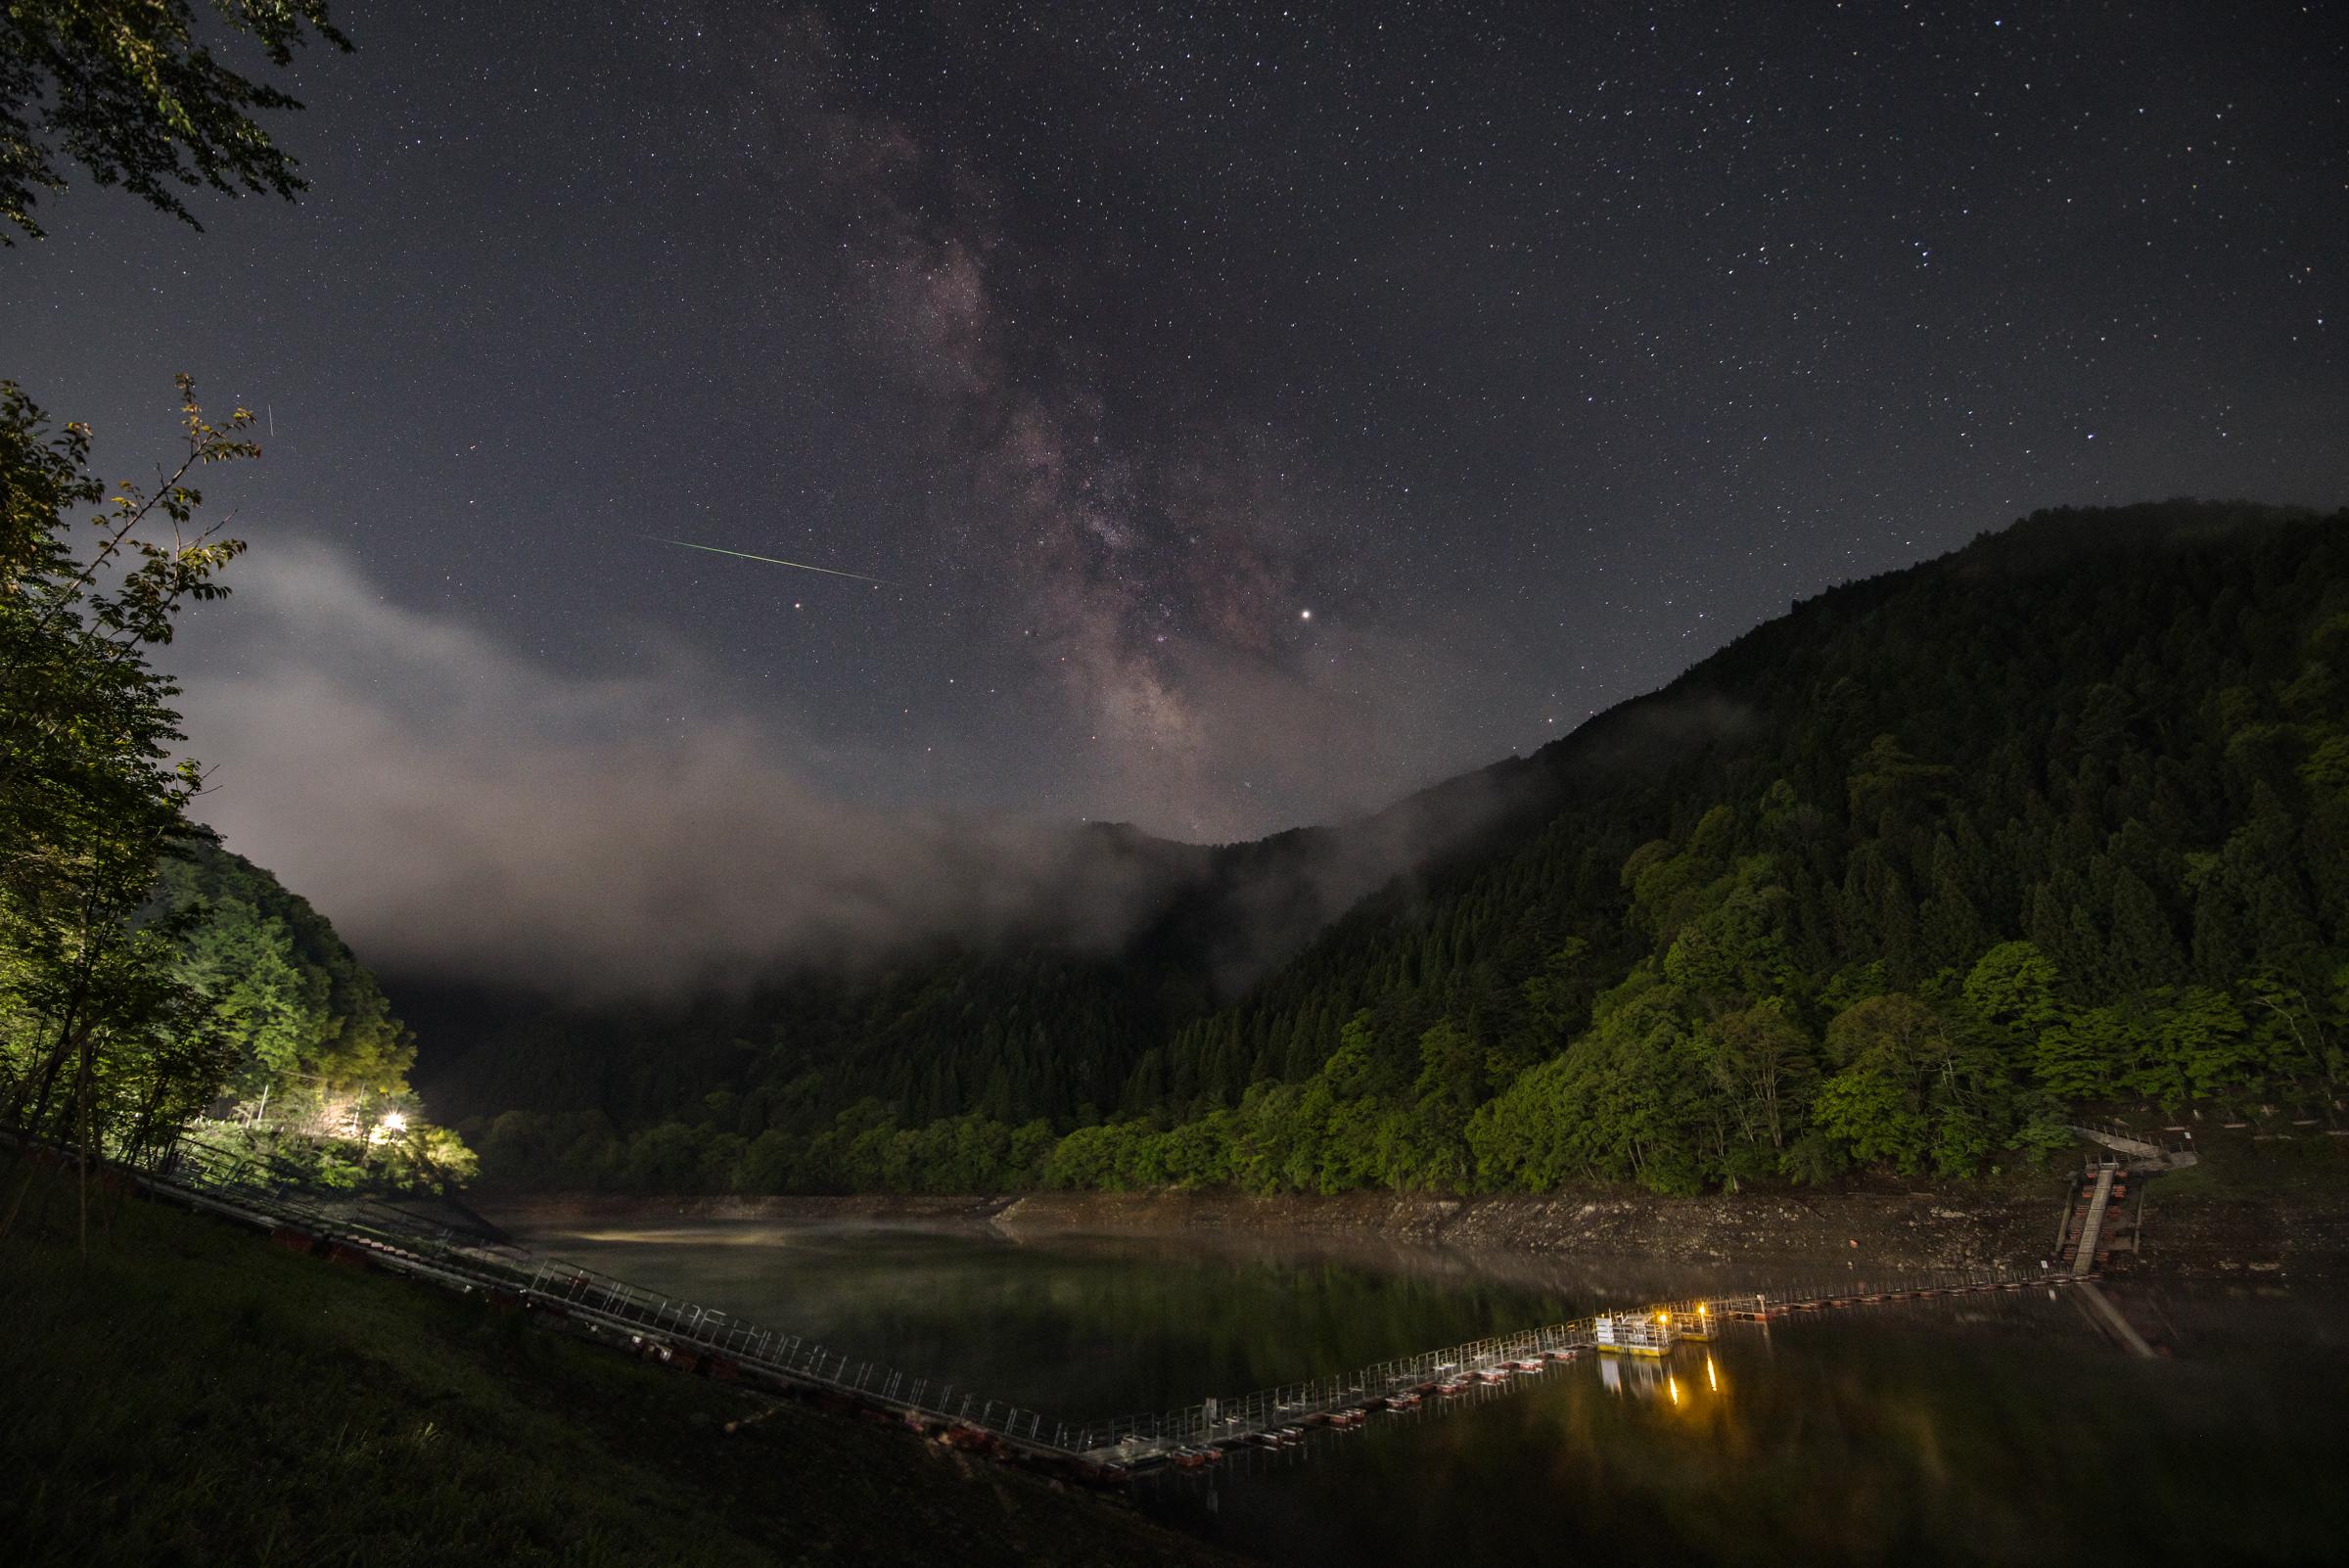 奥多摩湖にて留浦浮橋と天の川 | PENTAX K-1&D FA15-30mm